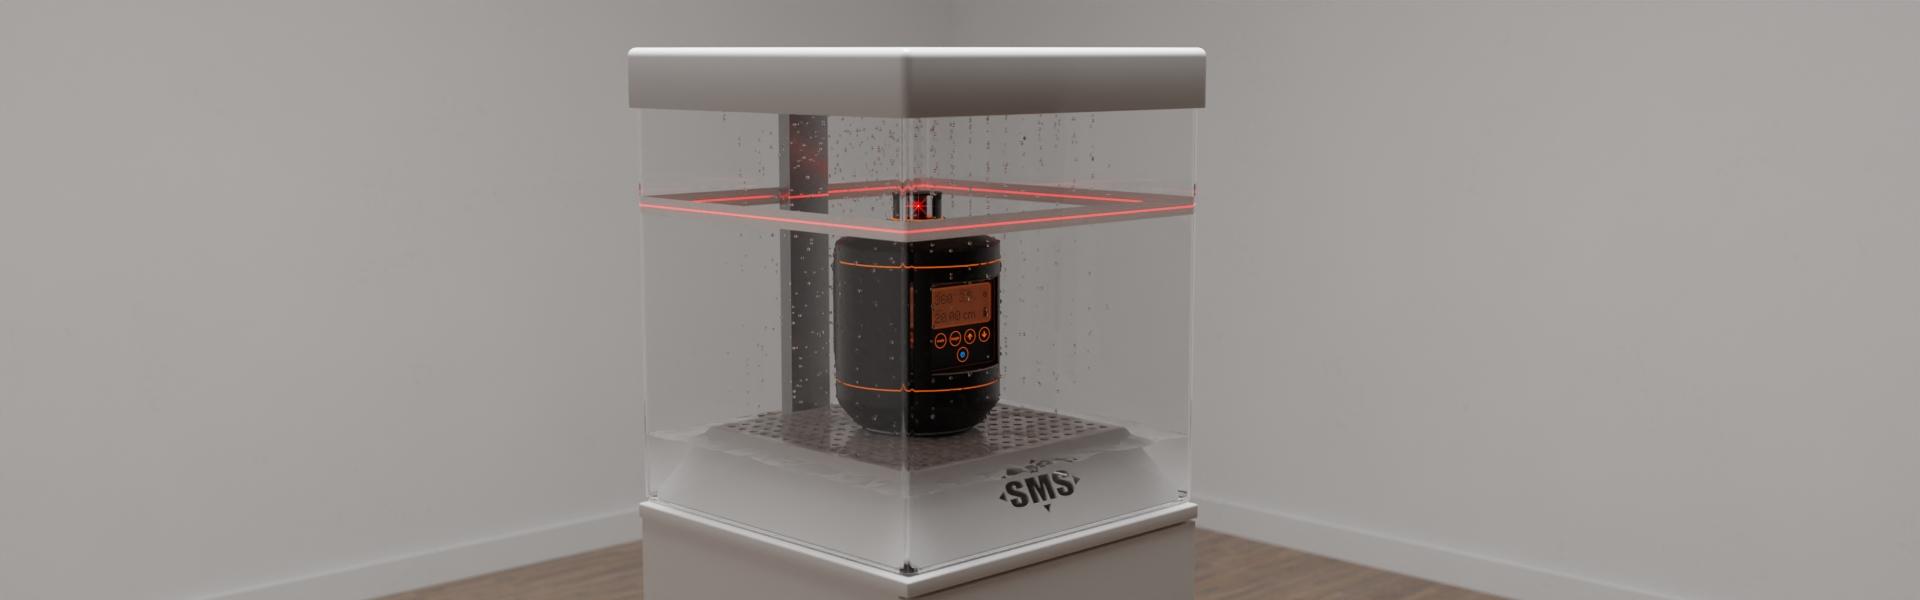 Sonderanfertigung eines funktionellen Displays für ein Laser-Meßgerät, Bild 6